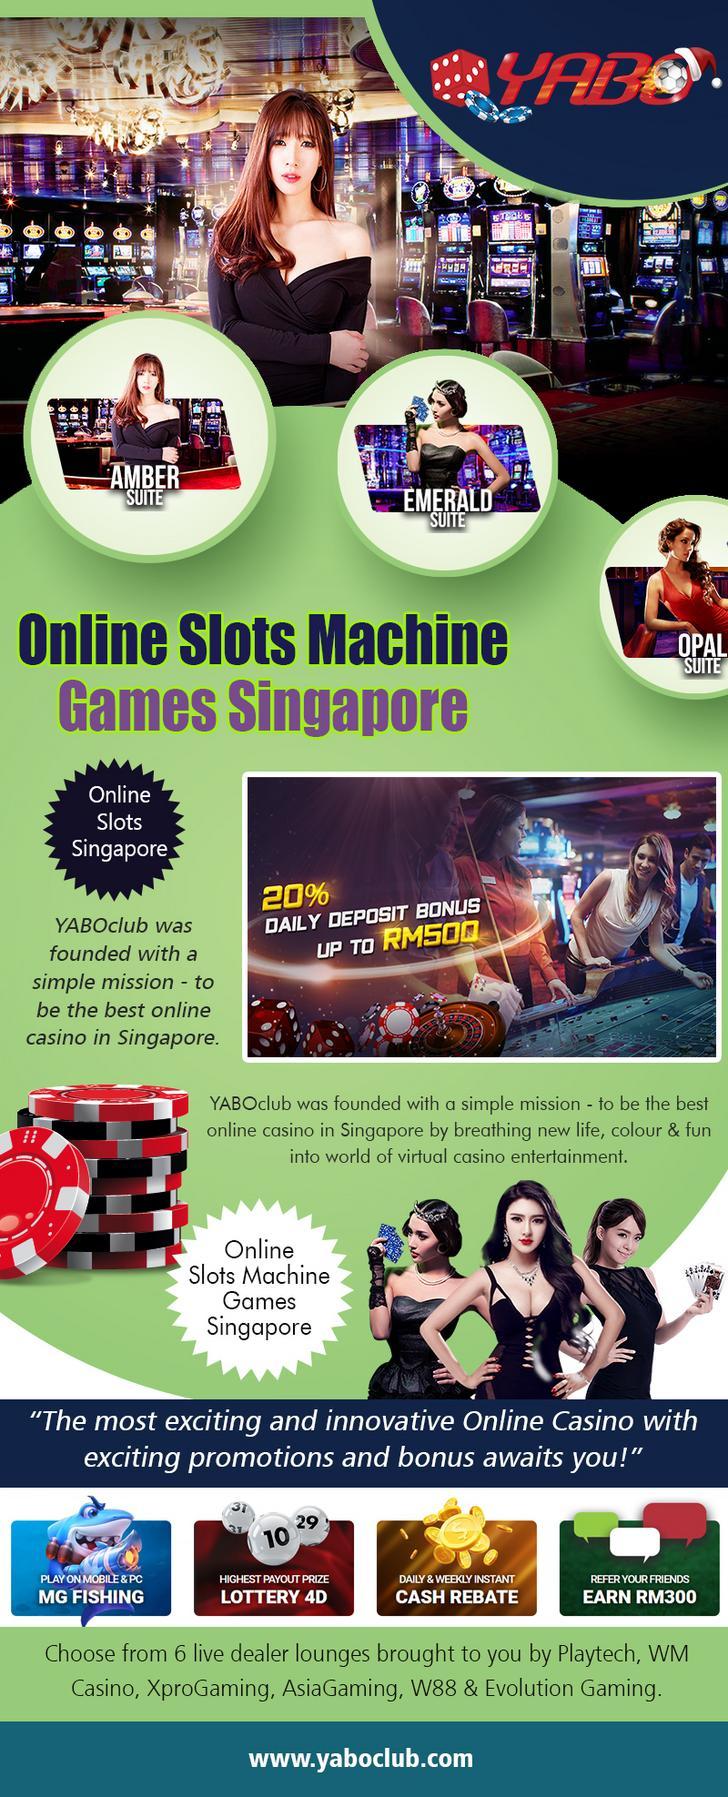 Slots casino download free, Online casino deutschland erlaubt